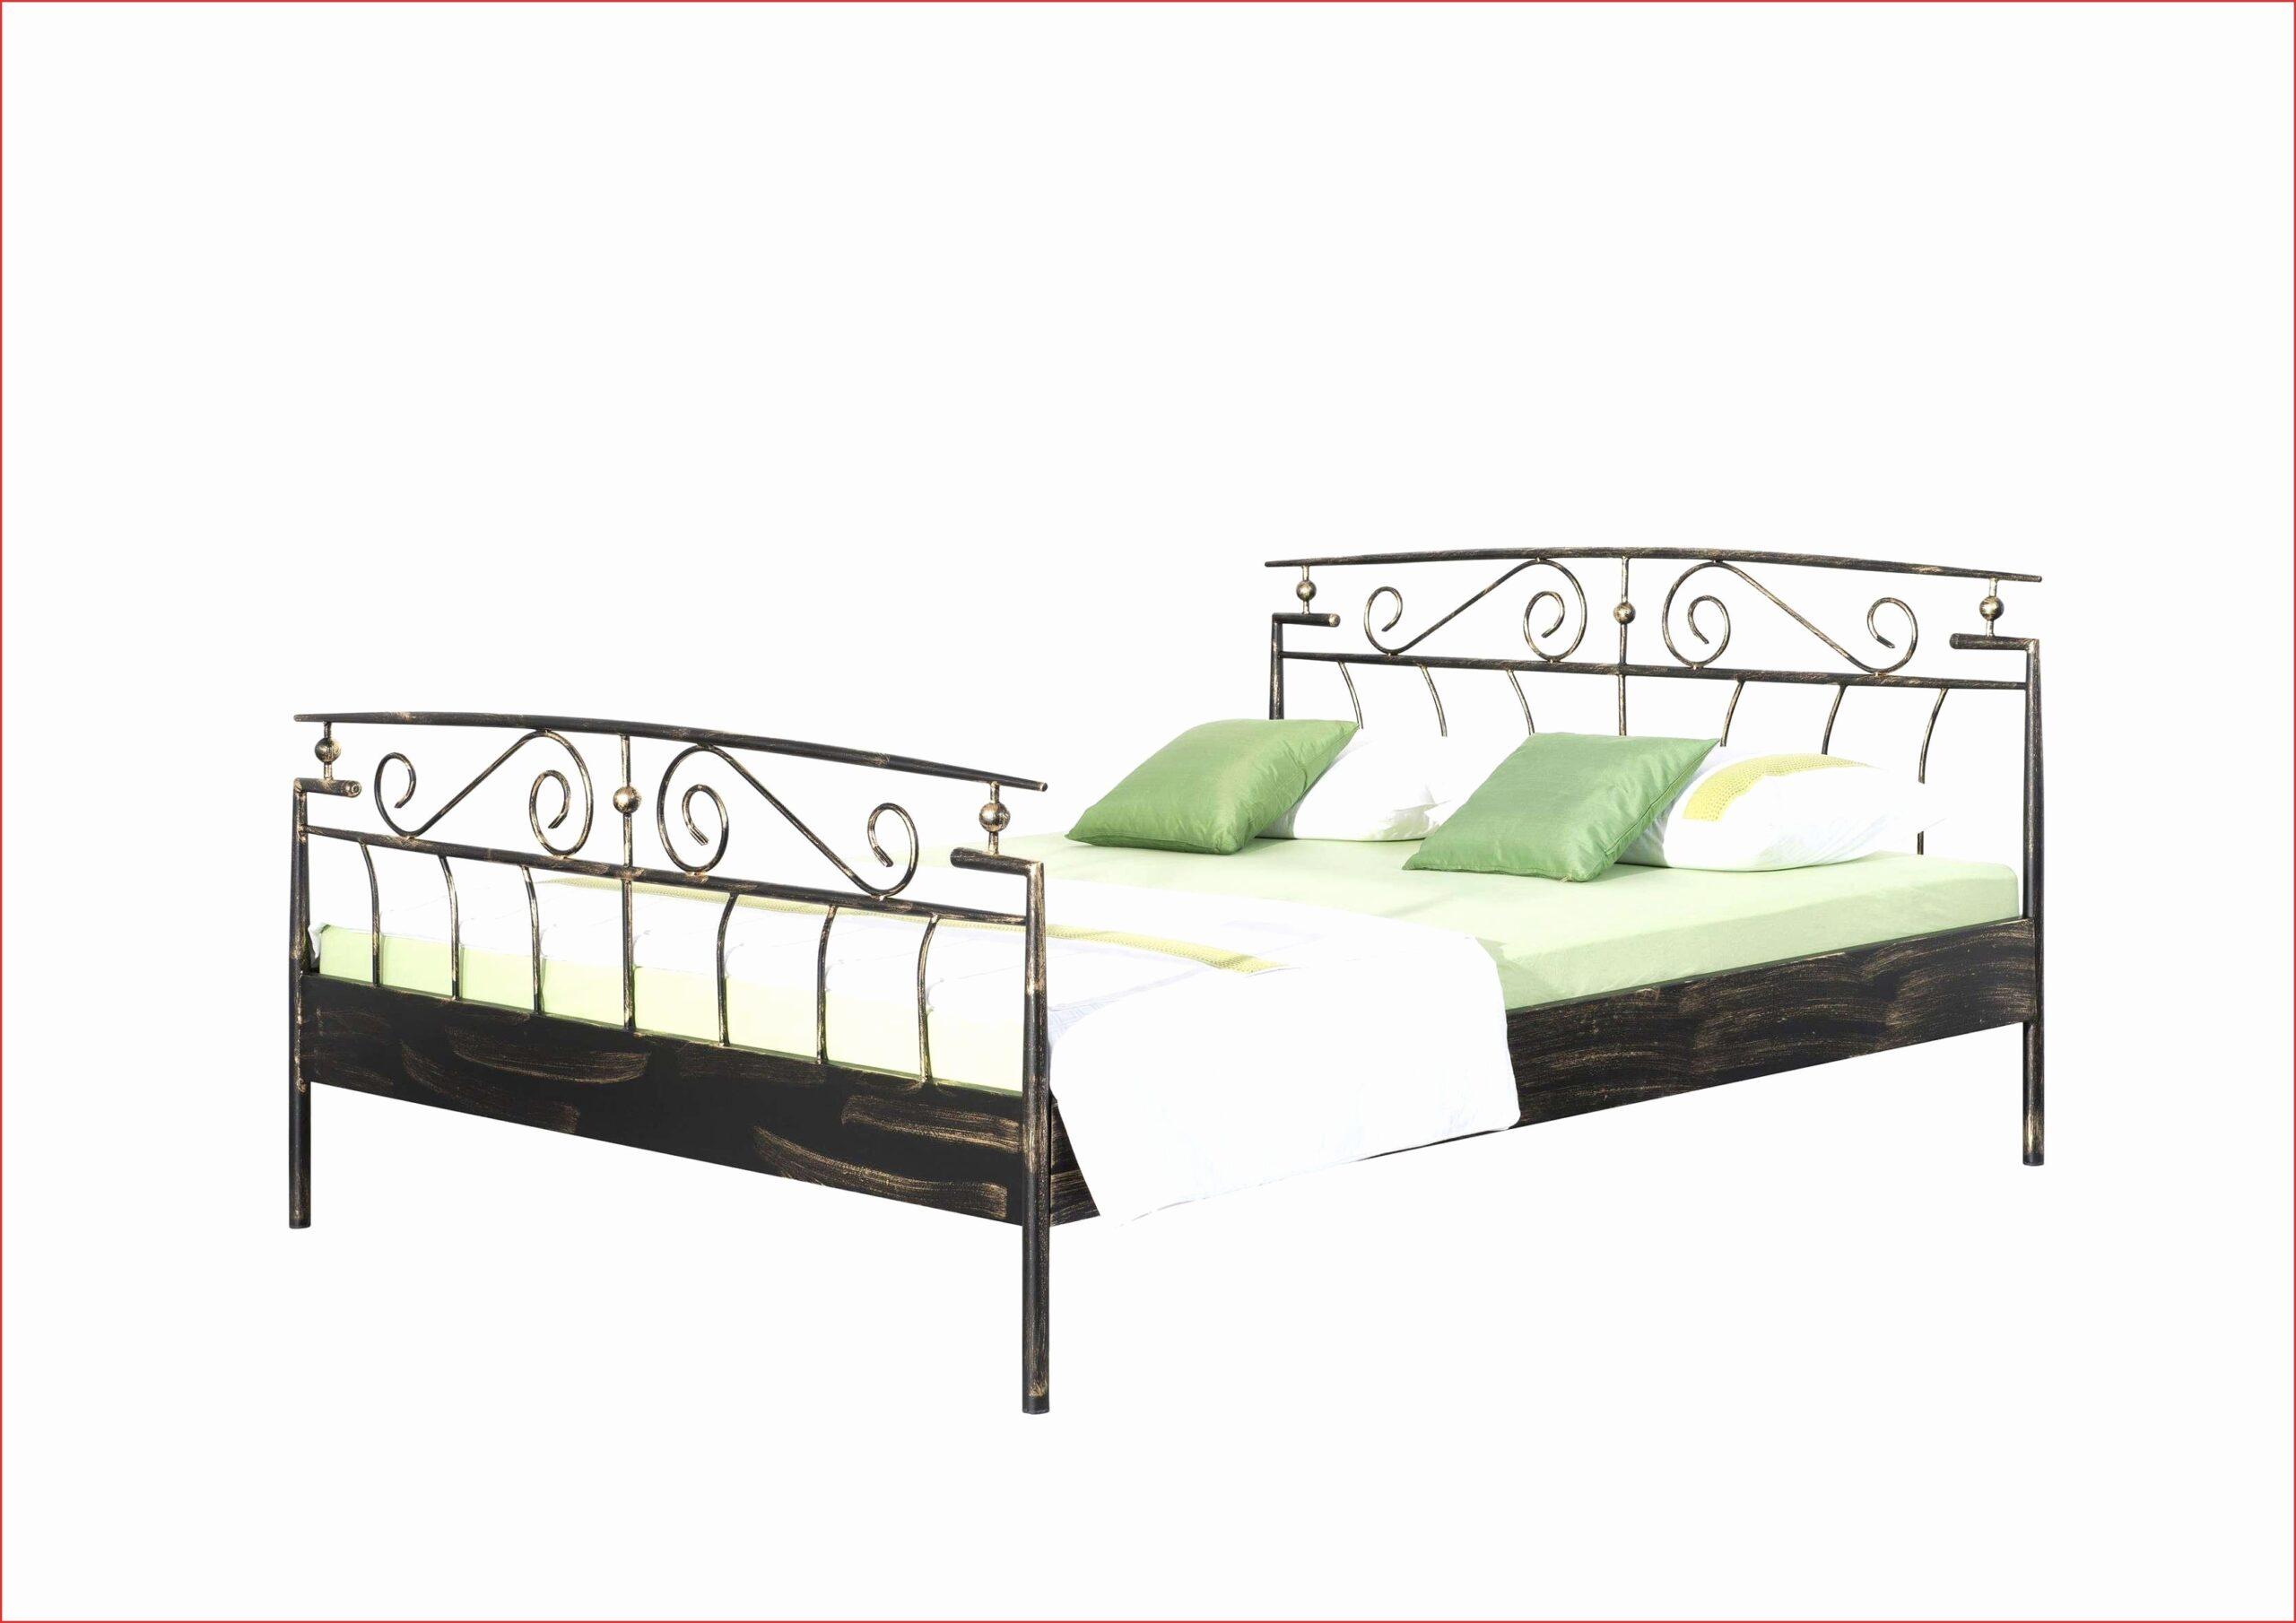 Full Size of Stauraumbett Funktionsbett 120x200 Bett Weiß Mit Matratze Und Lattenrost Bettkasten Betten Wohnzimmer Stauraumbett Funktionsbett 120x200